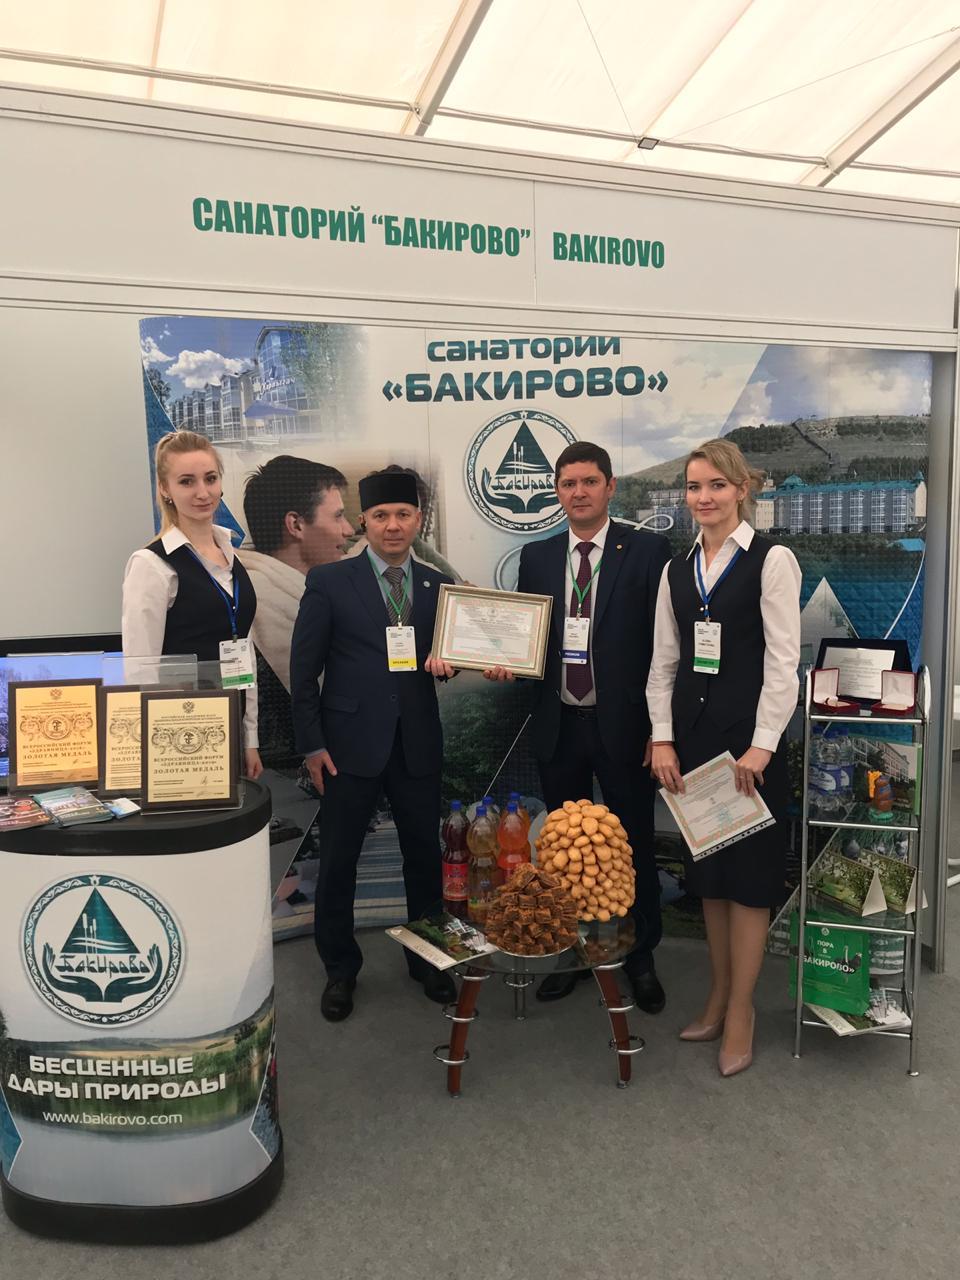 Санаторий «Бакирово» в Лениногорском районе Республики Татарстан получил подтверждение соответствия стандарту «Халяль»